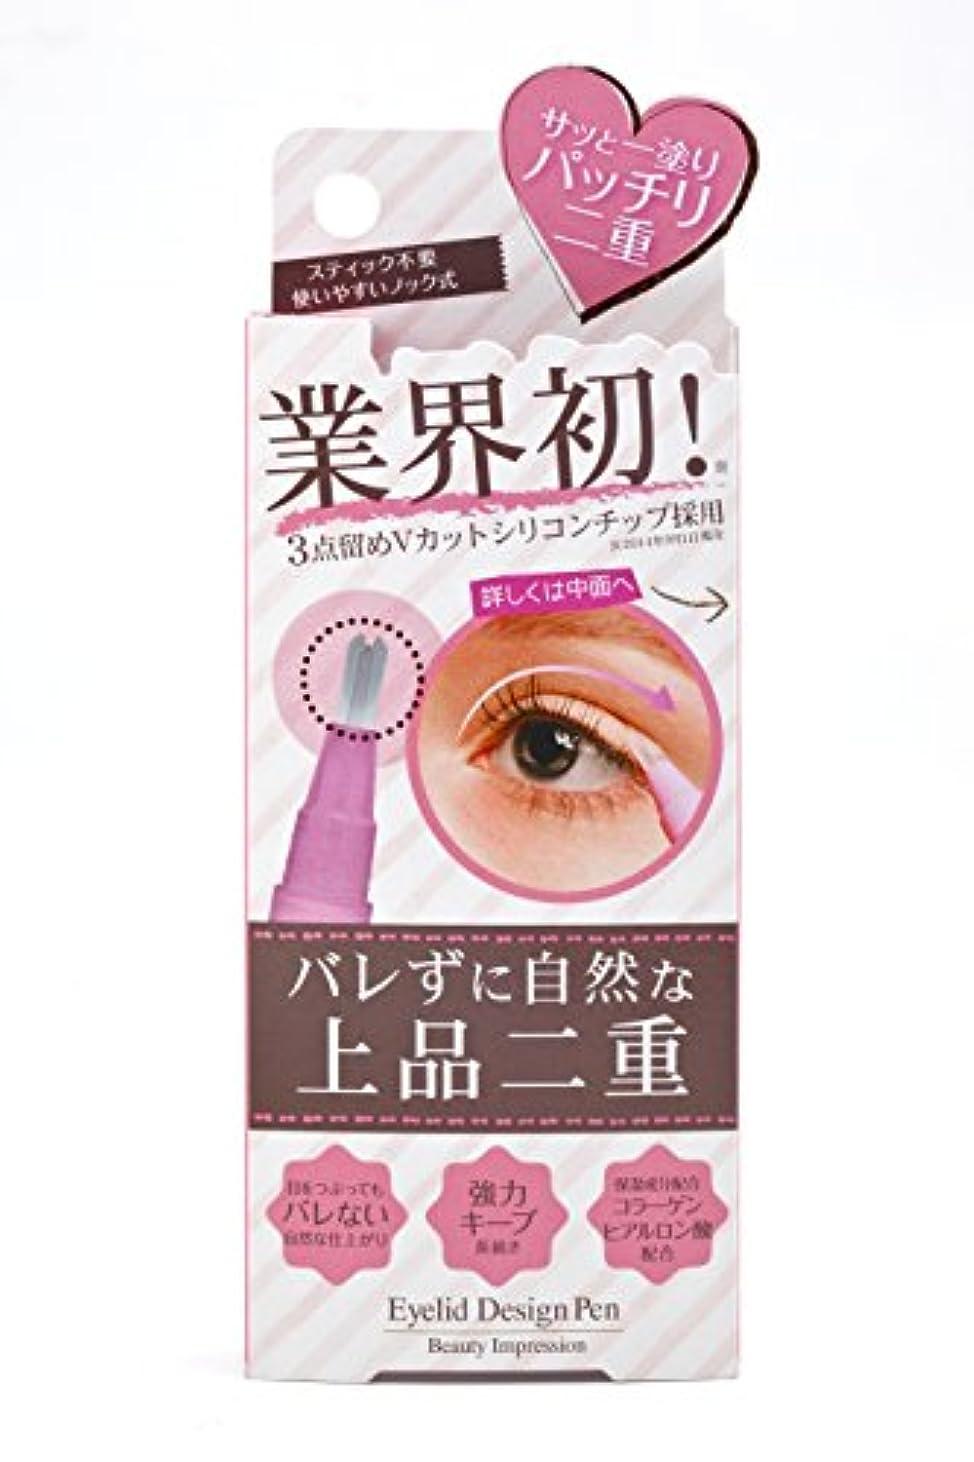 北極圏十億親愛なビューティーインプレッション(Beauty Impression) アイリッドデザインペン 2ml (二重まぶた形成化粧品)